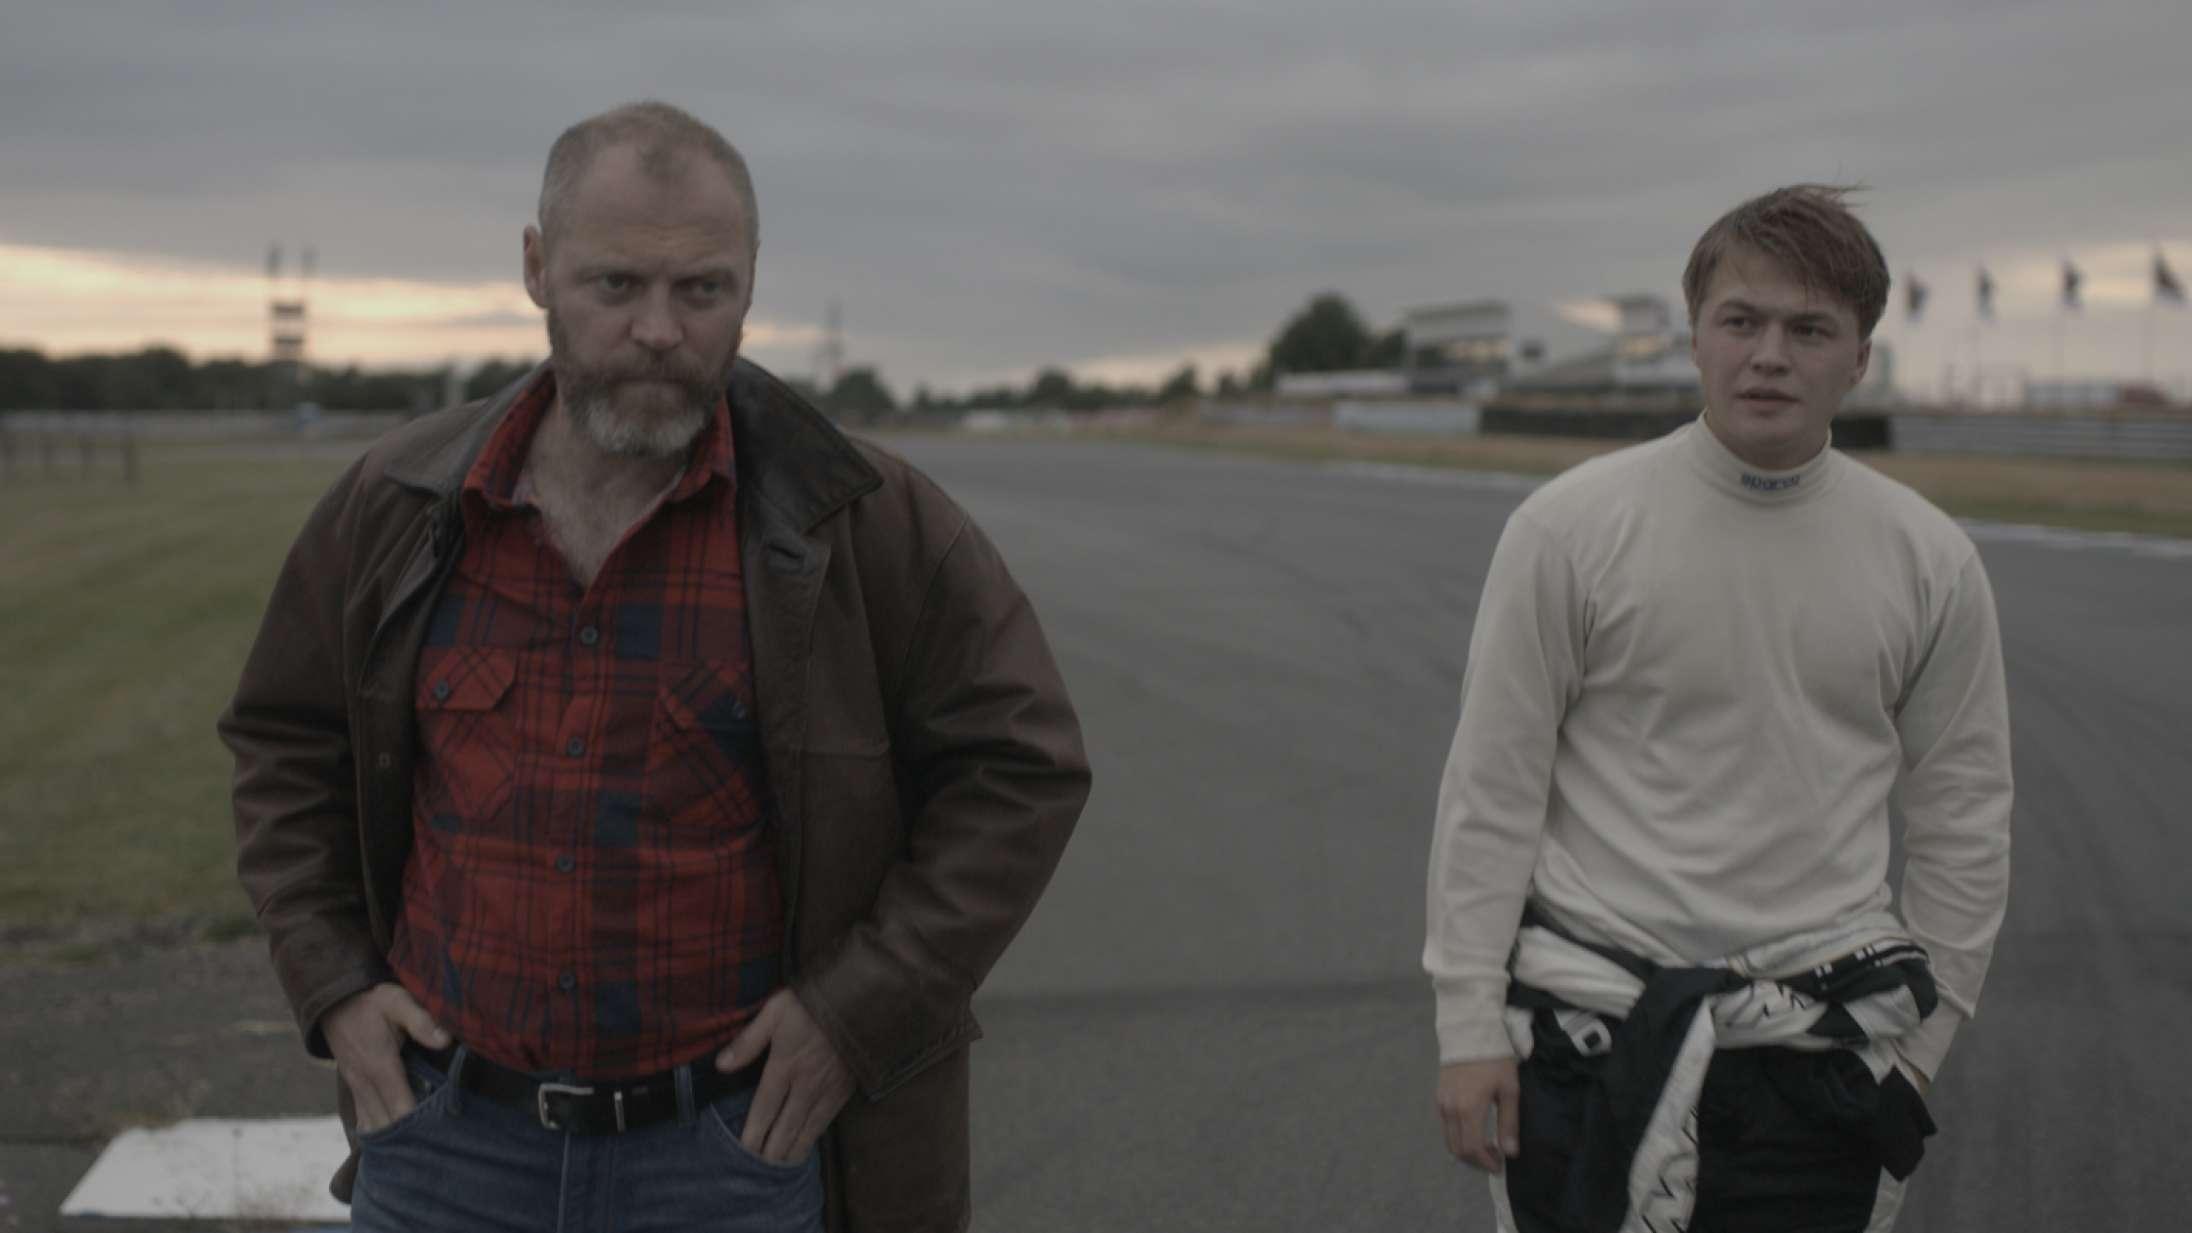 Jacob Lohmann, Sylvester Byder og Clara Rosager sætter fokus på misbrug i hjemmet med kortfilmen 'Natsværmer' – se den her